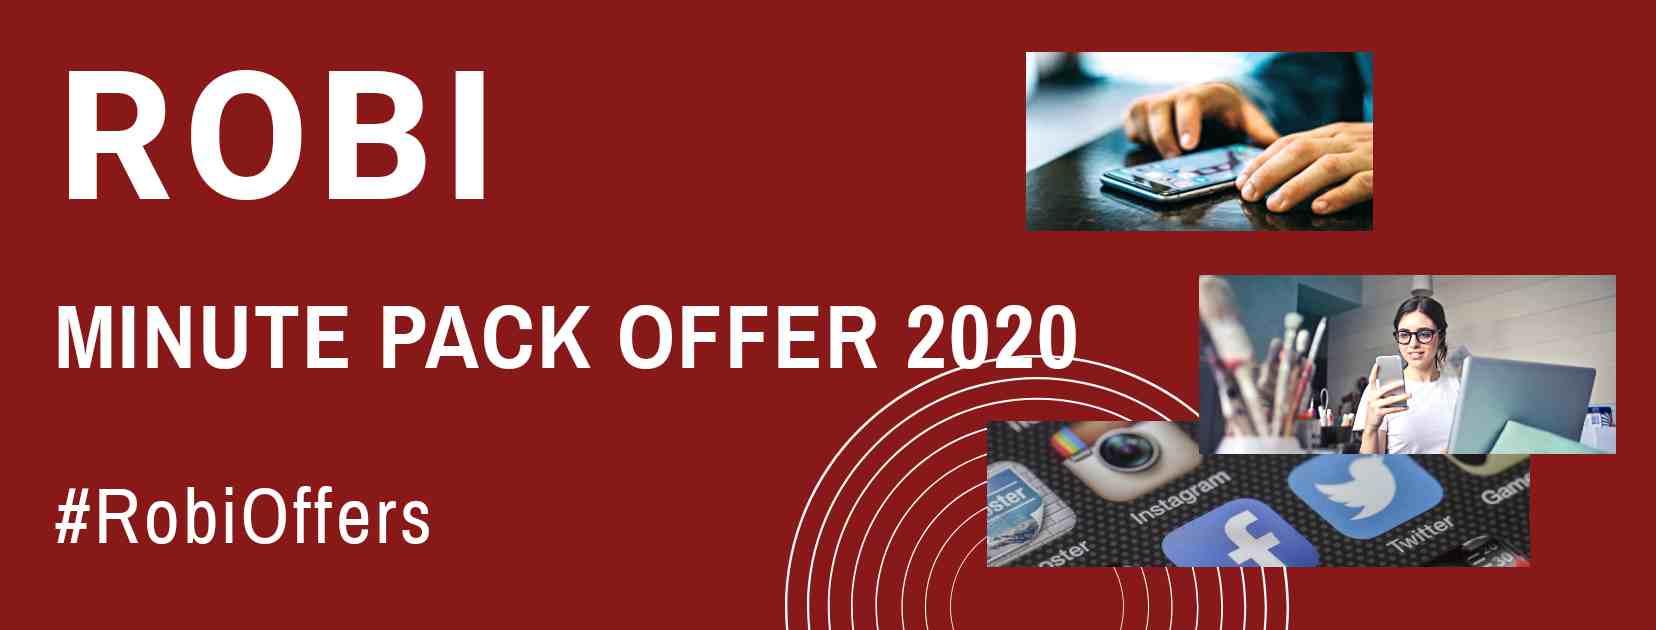 Robi Minute Pack Offer 2020- List of All Bundle Offer